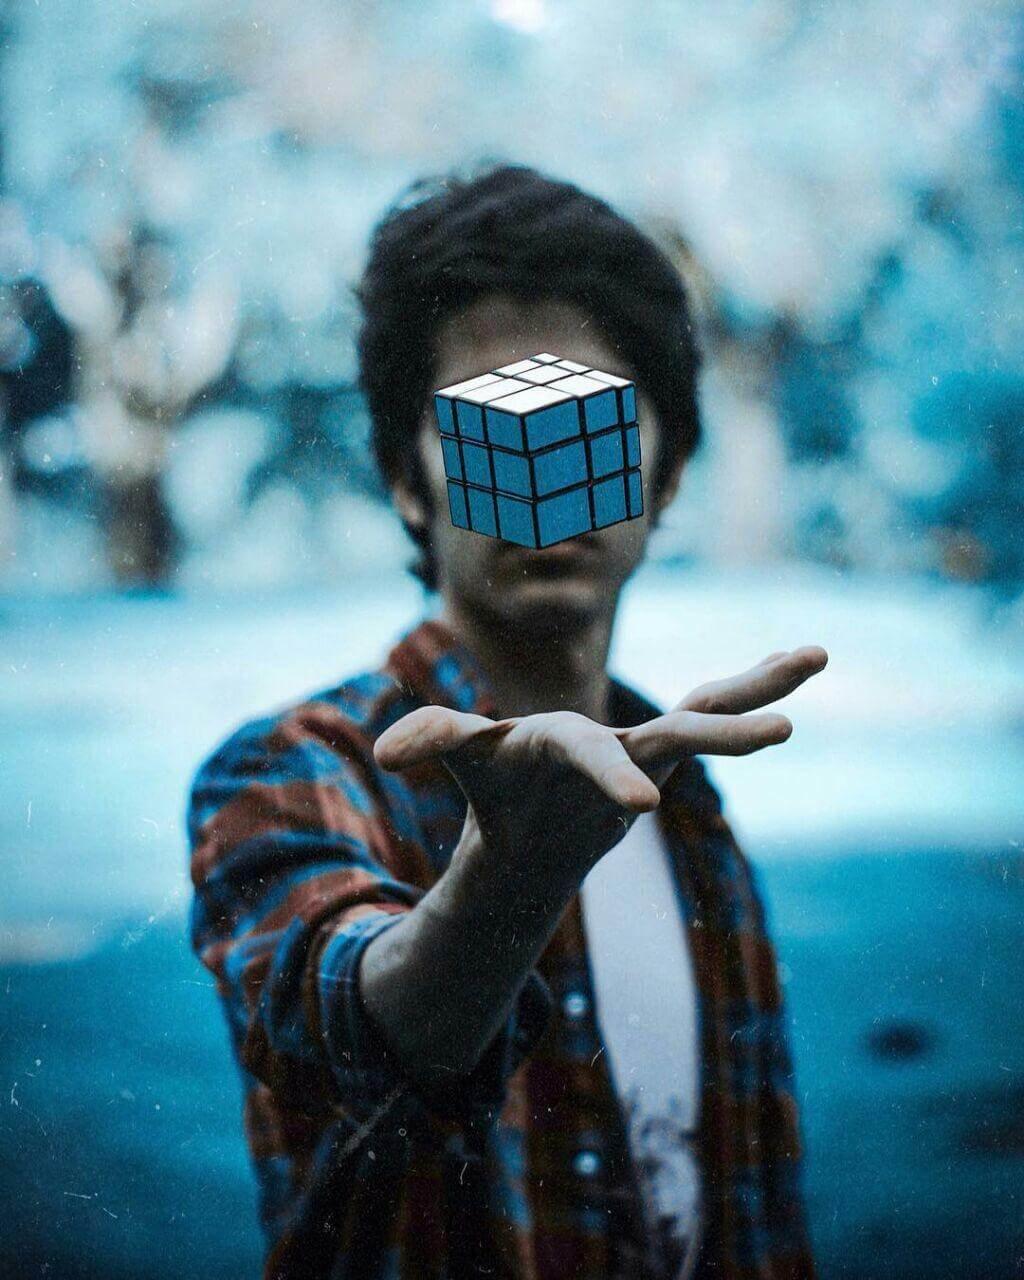 На аву без лица с кубиком